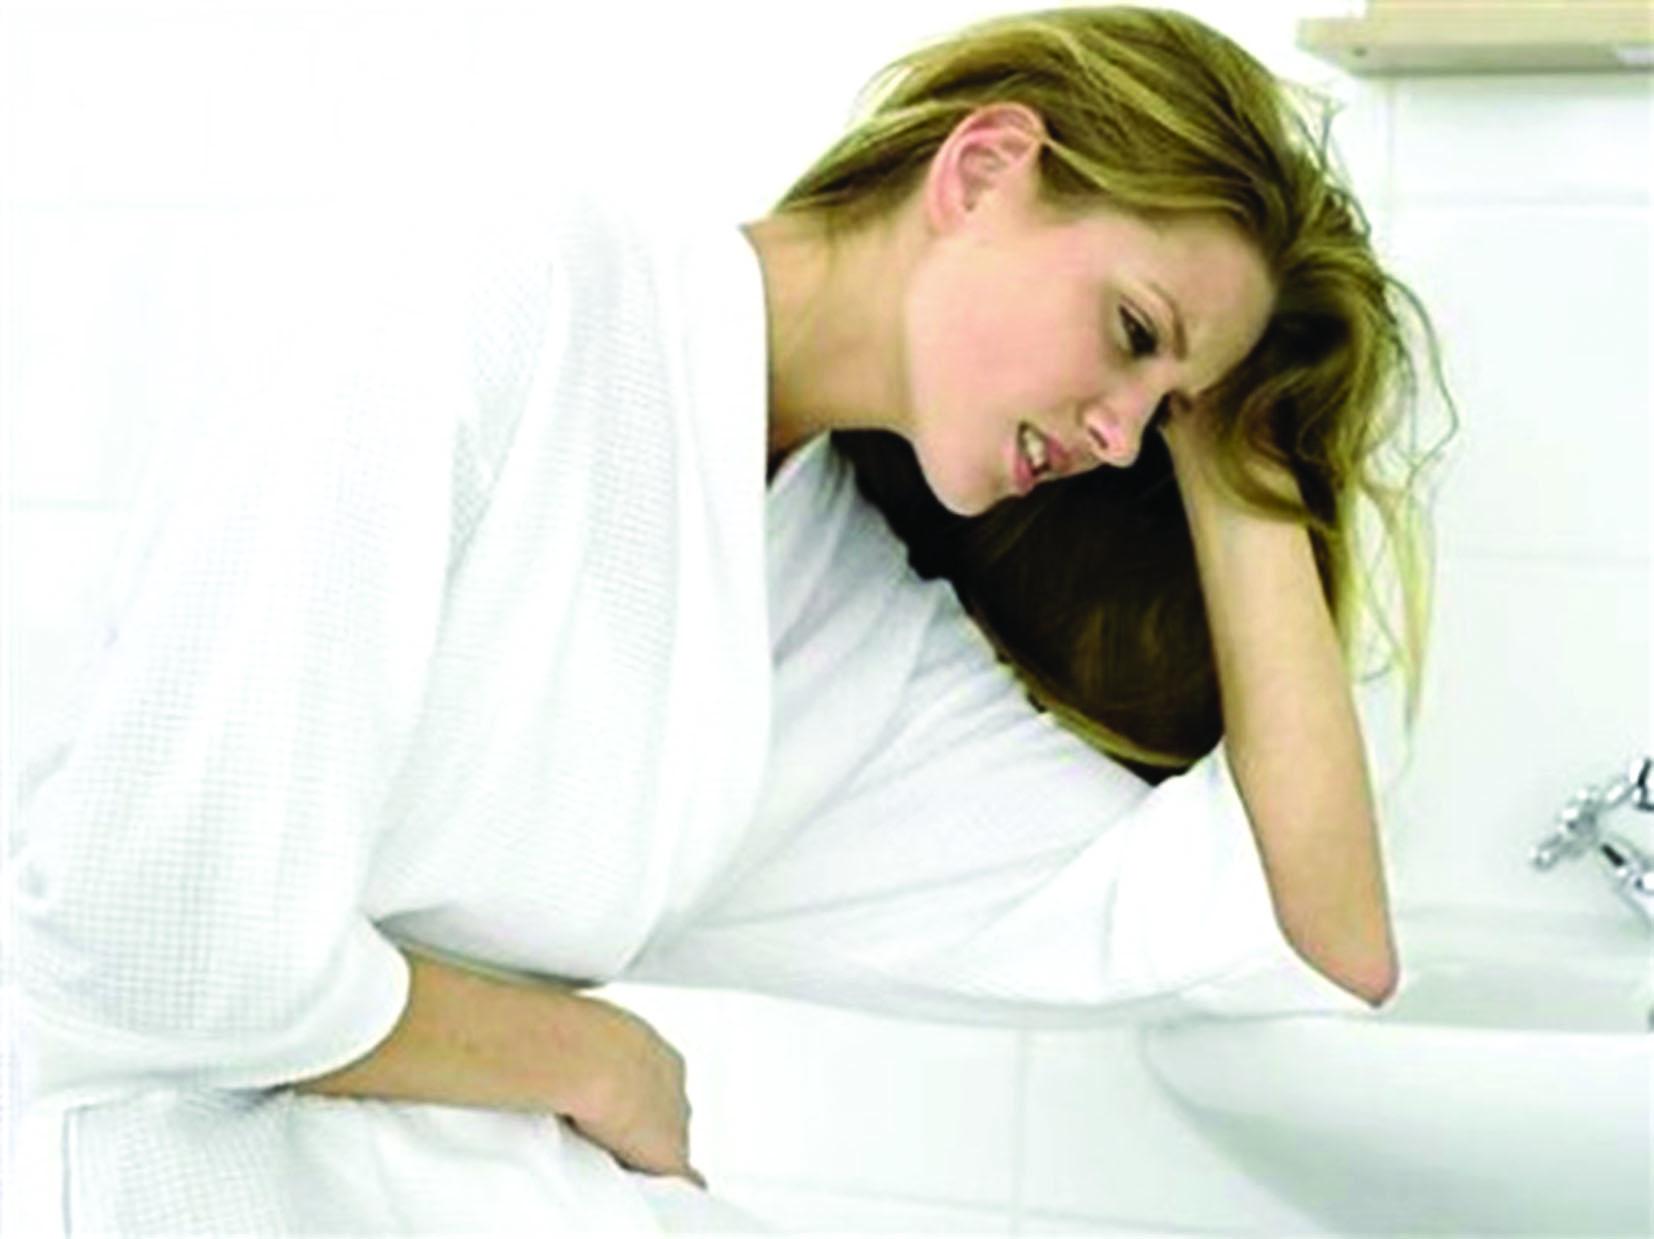 غثيان الصباح يجنب  خطر فقدان الحمل